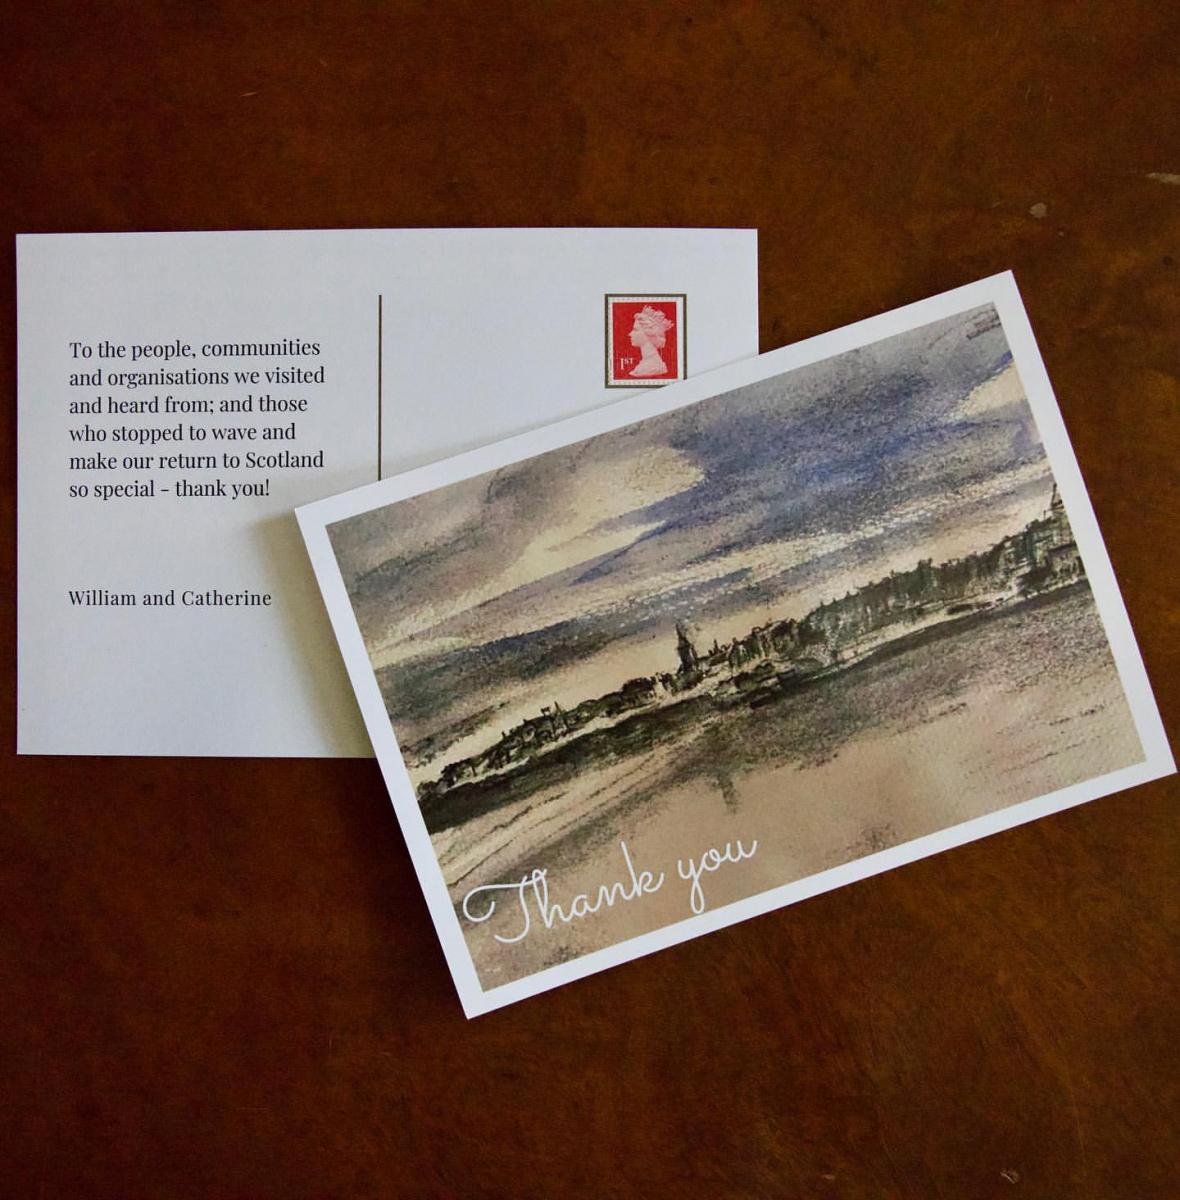 キャサリン妃によるスケッチを用いたお礼カード。